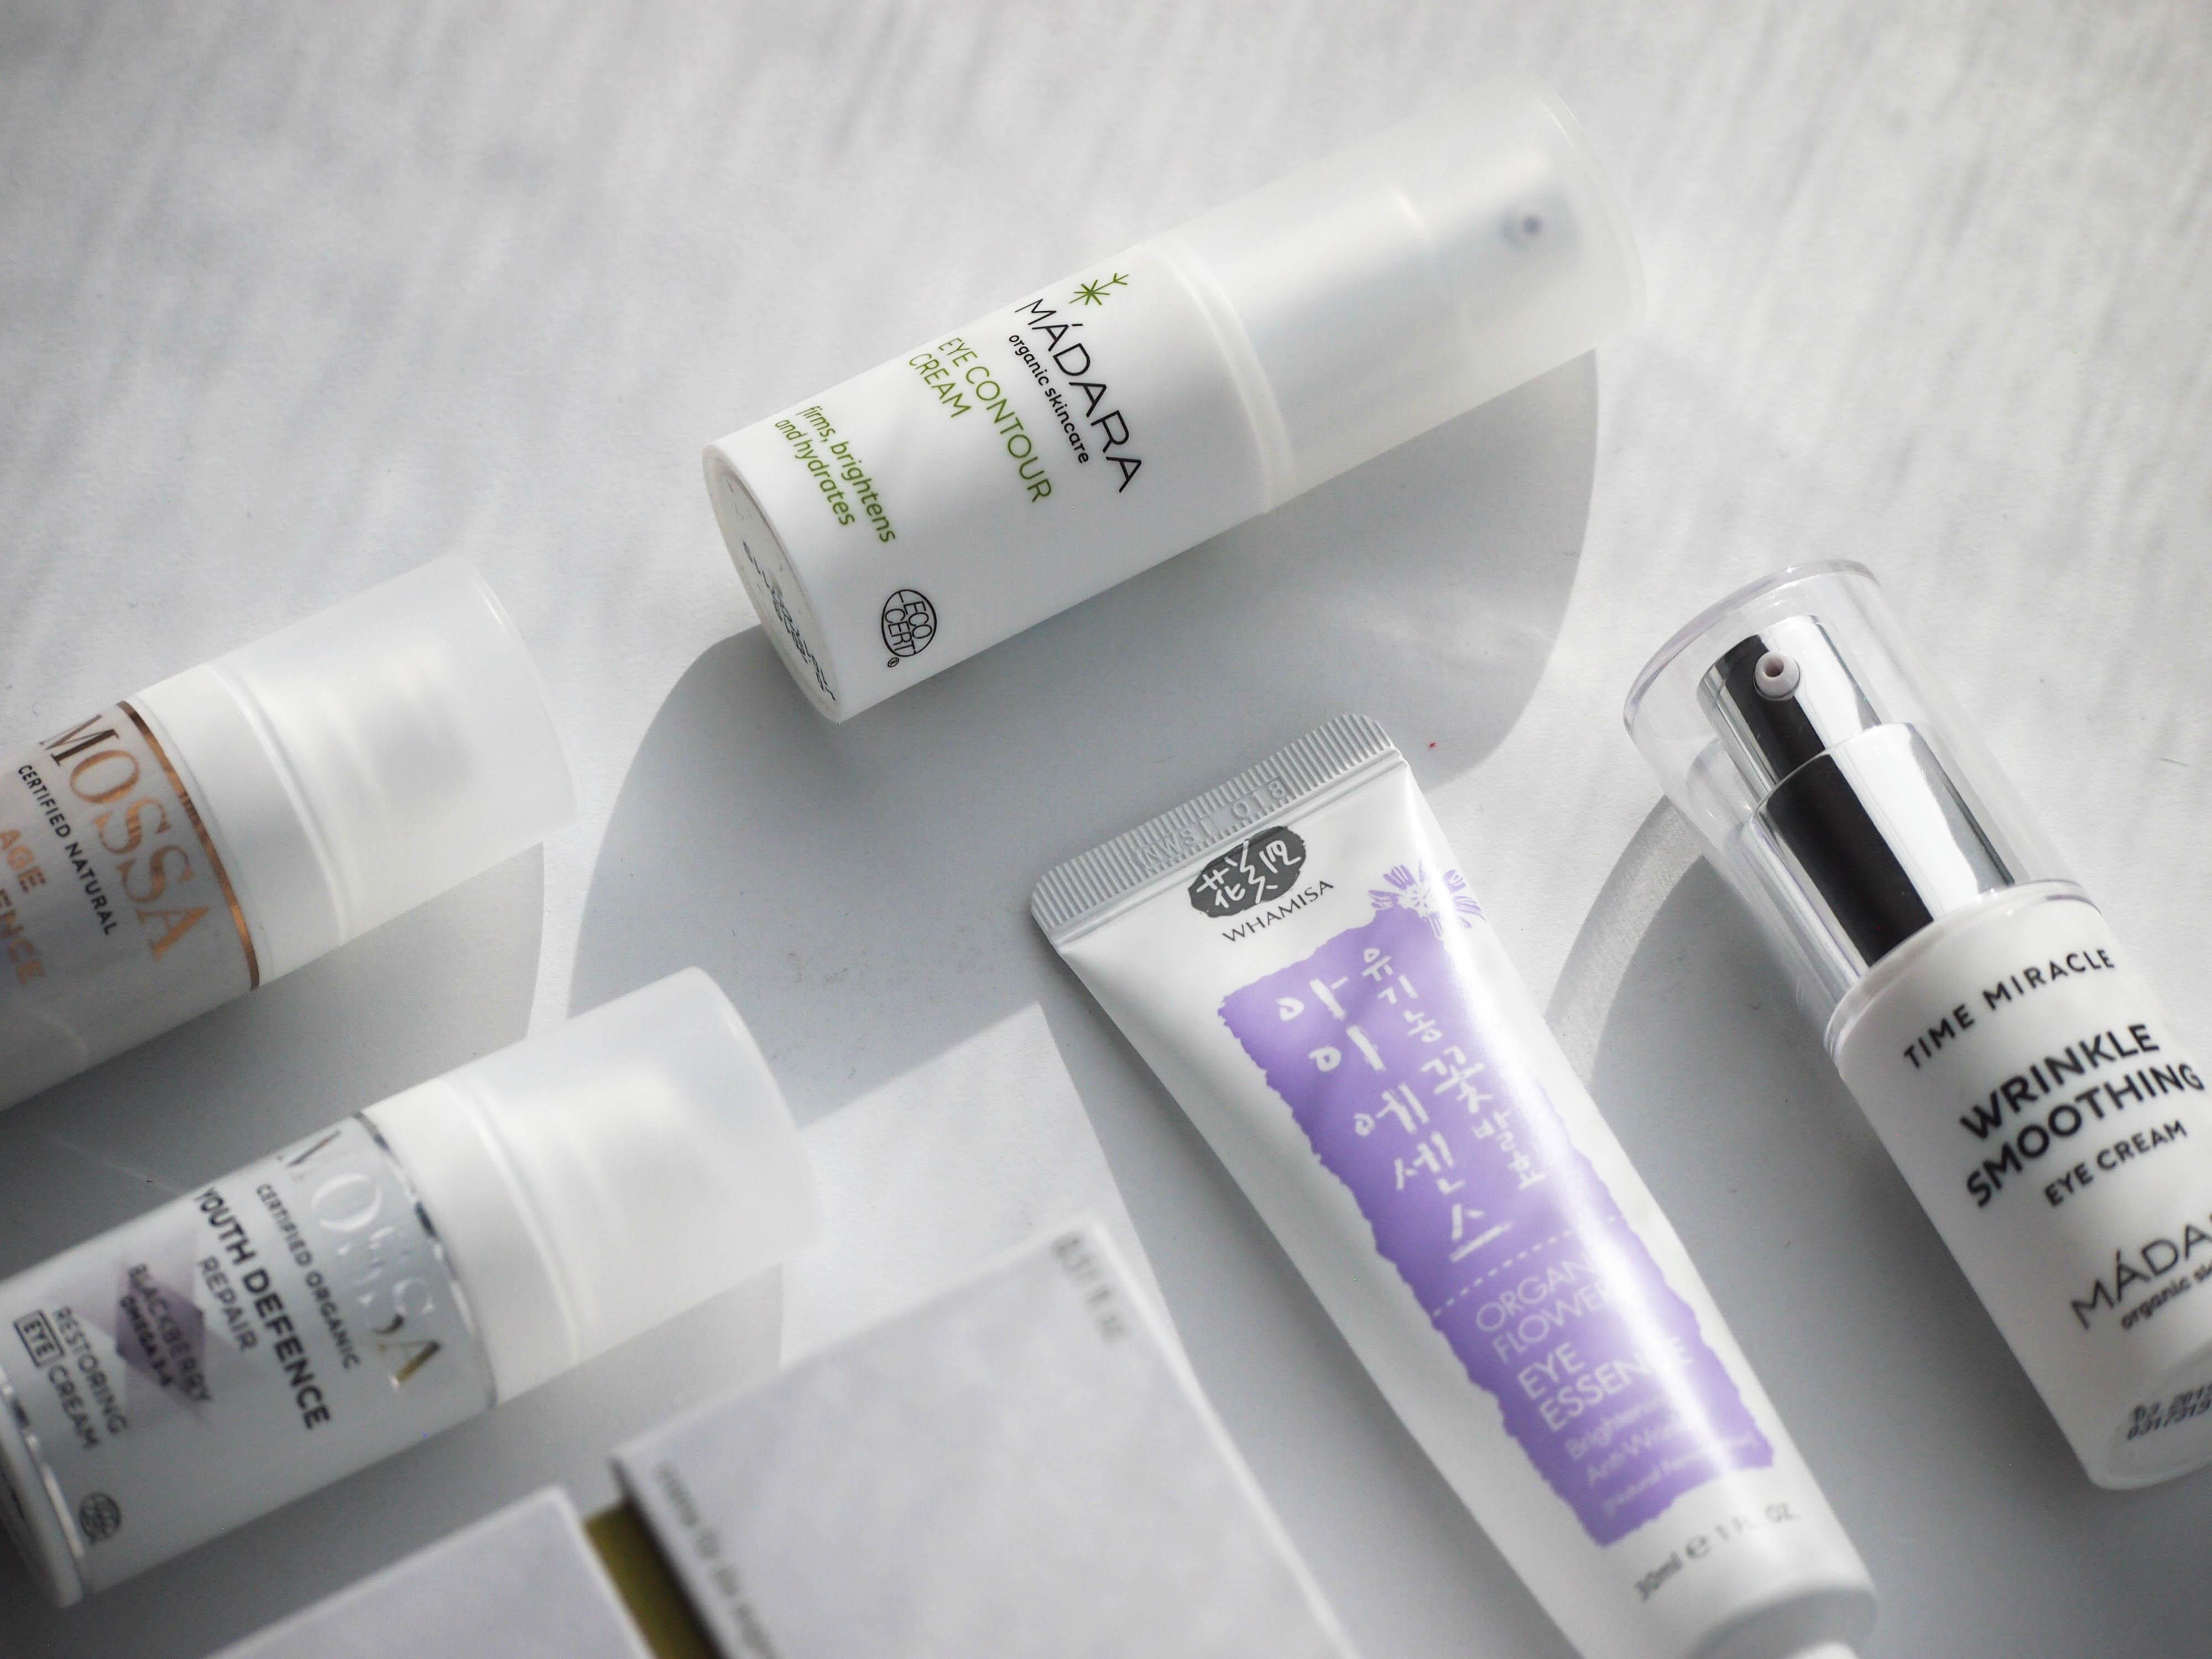 Kosmetologin vinkit silmänympärysvoiteen valintaan